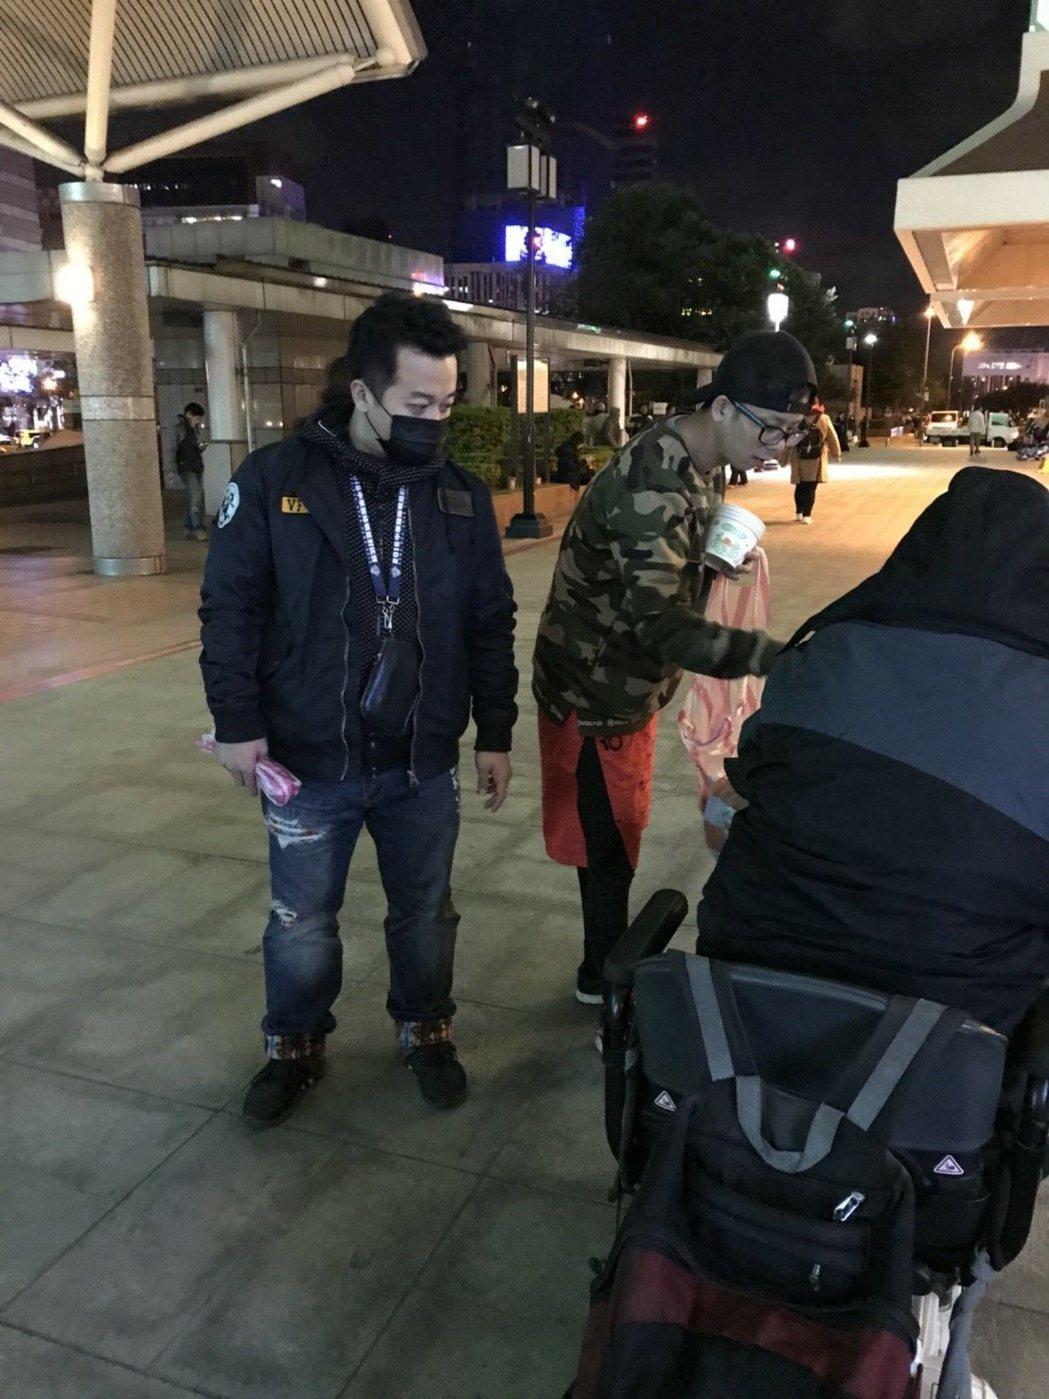 阿竿、錢君仲寒冬送暖,準備熱食與便當到台北車站分送街友。圖/民視提供